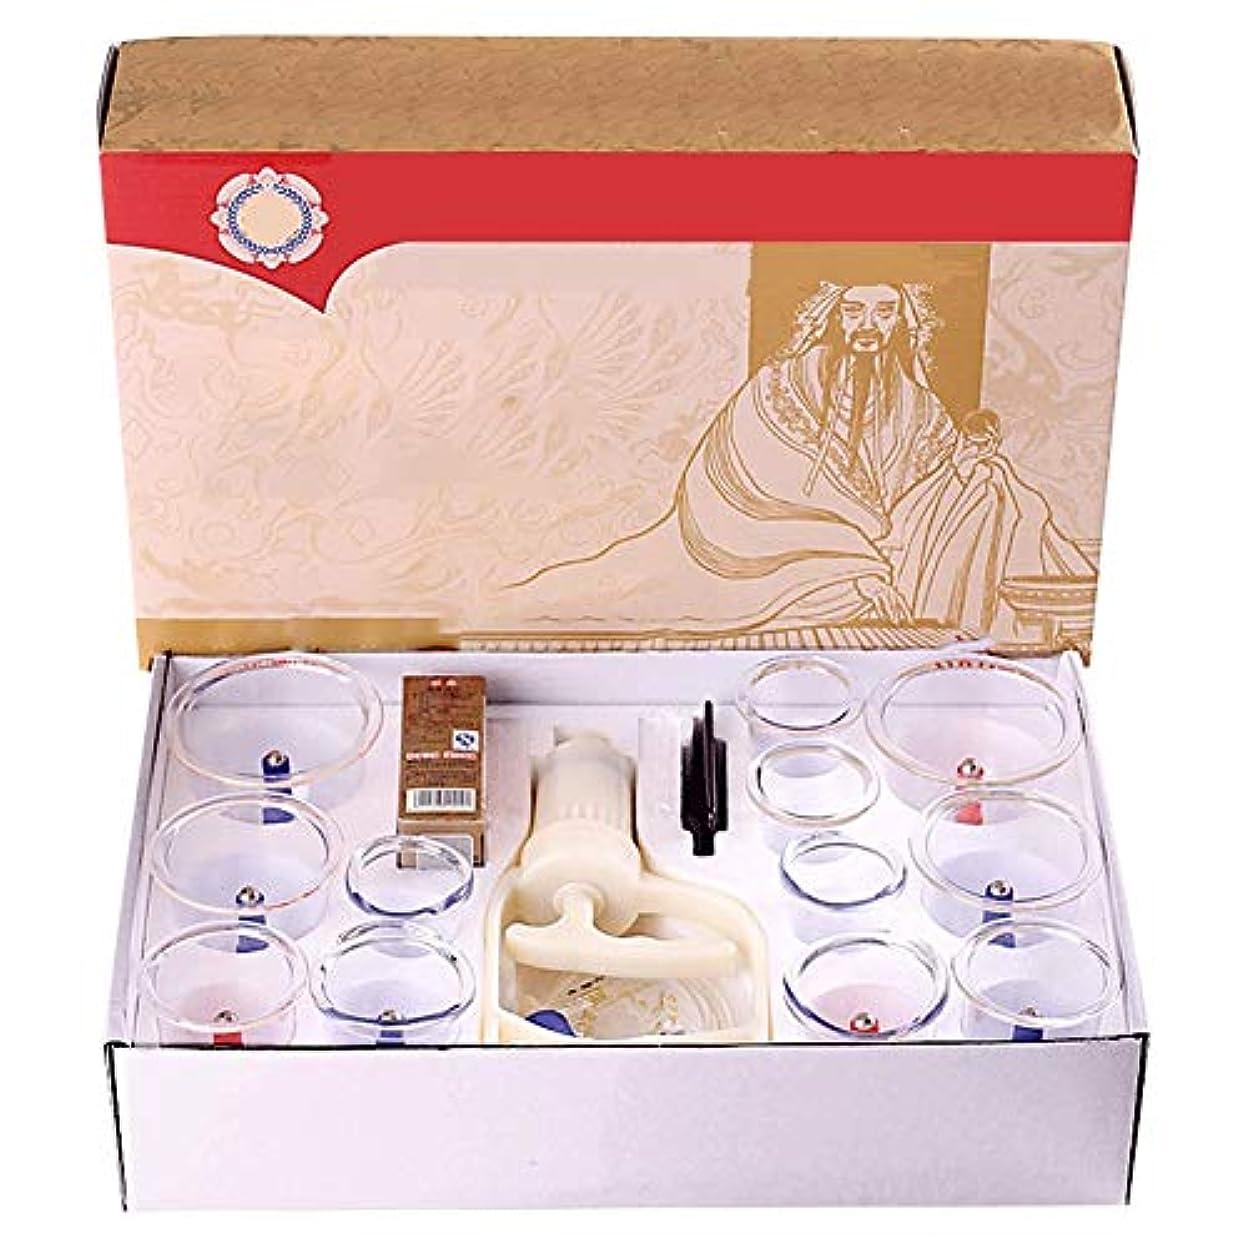 子供っぽい間に合わせ刻むマッサージカッピングセット、耐久性のあるプロフェッショナルな中国のツボカッピング療法、ポータブルパッケージ、ボディマッサージの痛みを軽減する理学療法12カップ